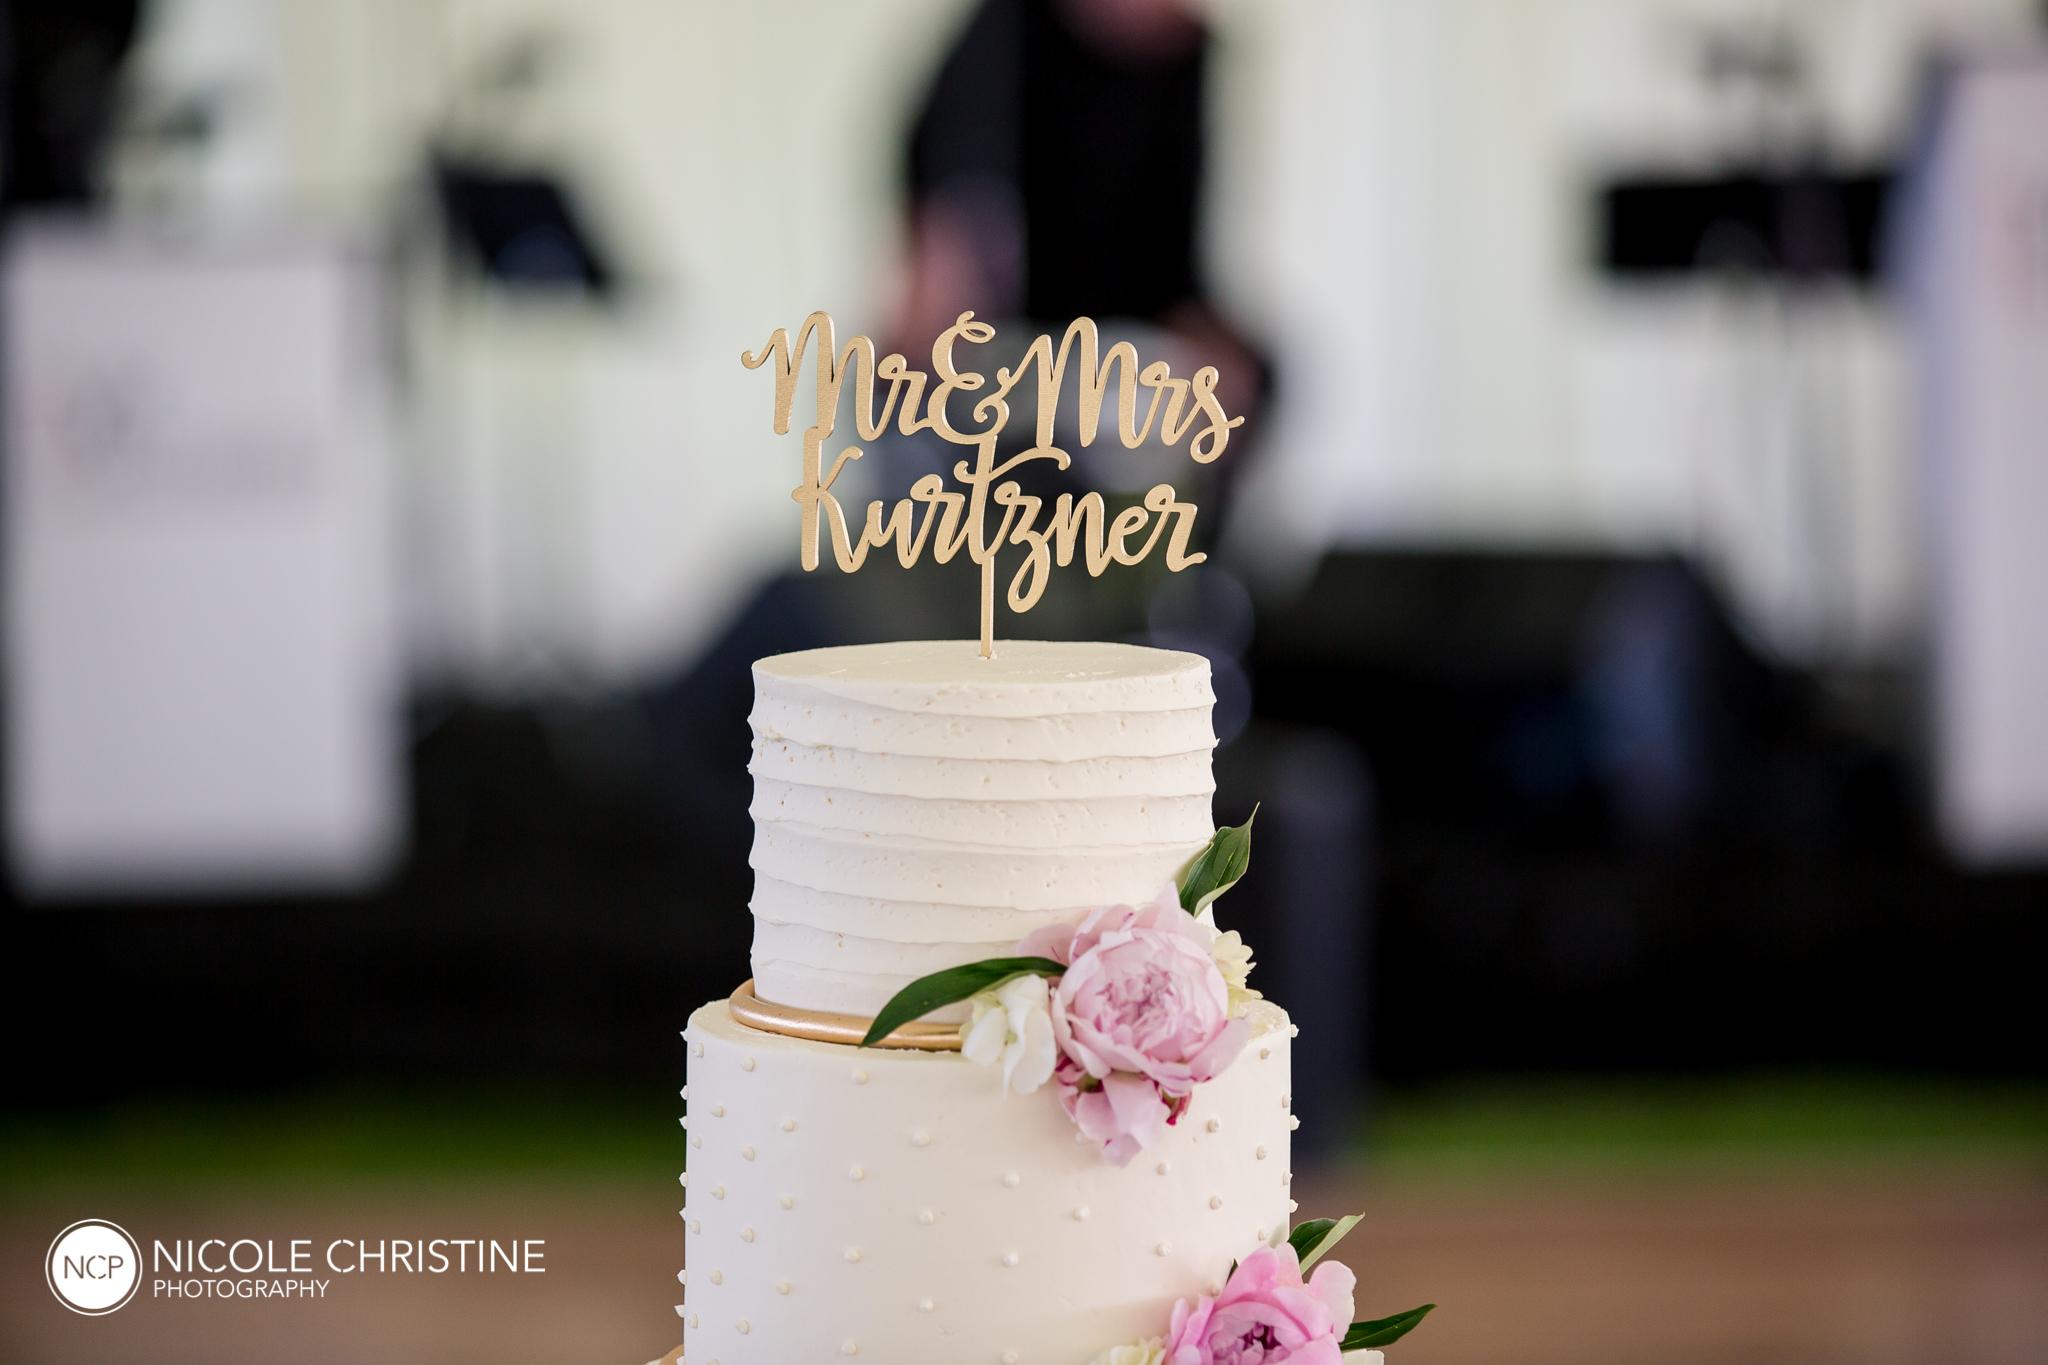 Kurtzner Best Chicago Wedding Photographer-34